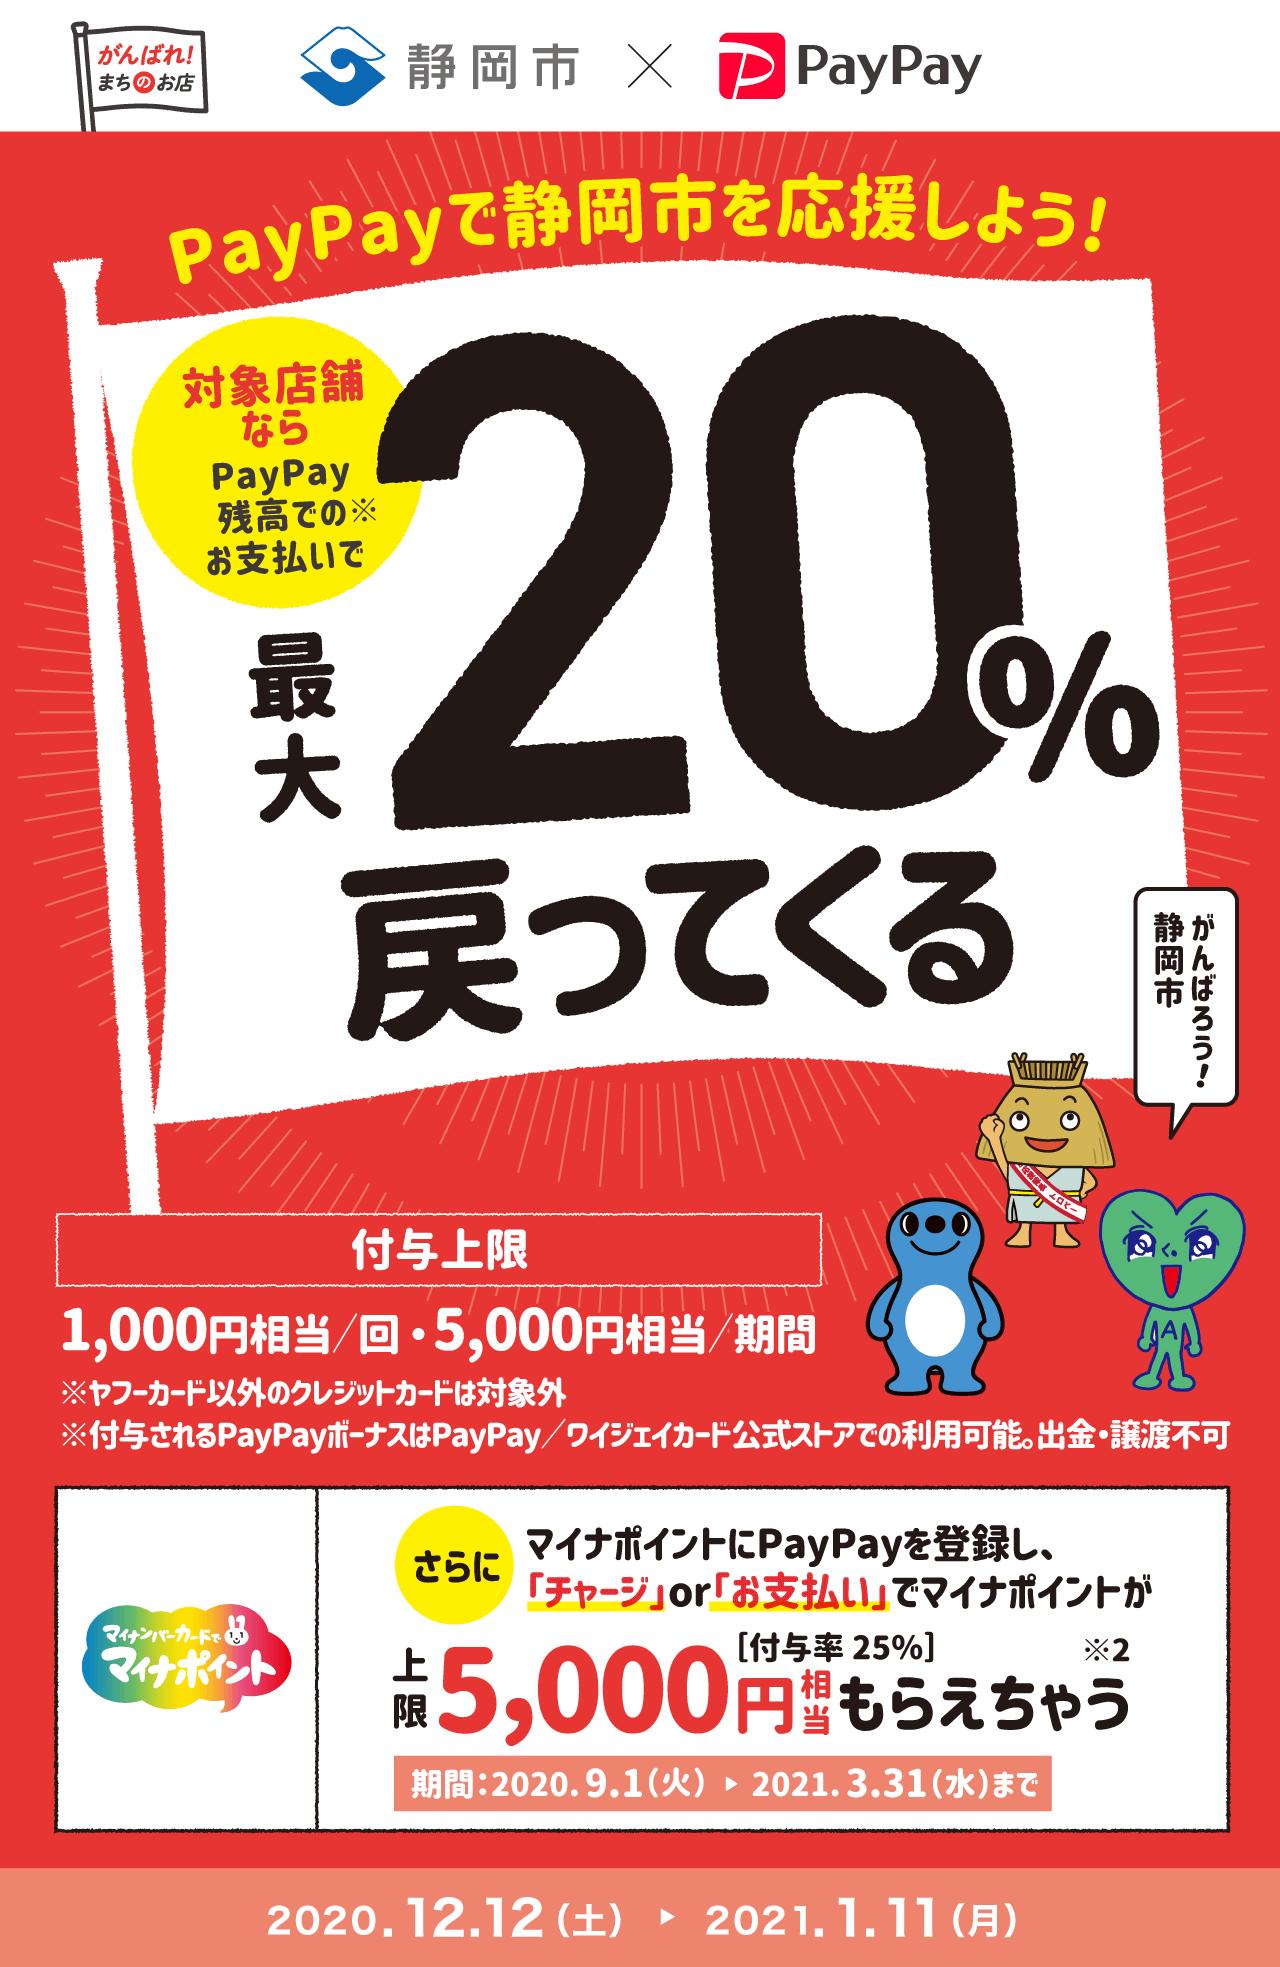 PayPayで静岡市を応援しよう! 対象店舗ならPayPay残高でのお支払いで 最大20%戻ってくる